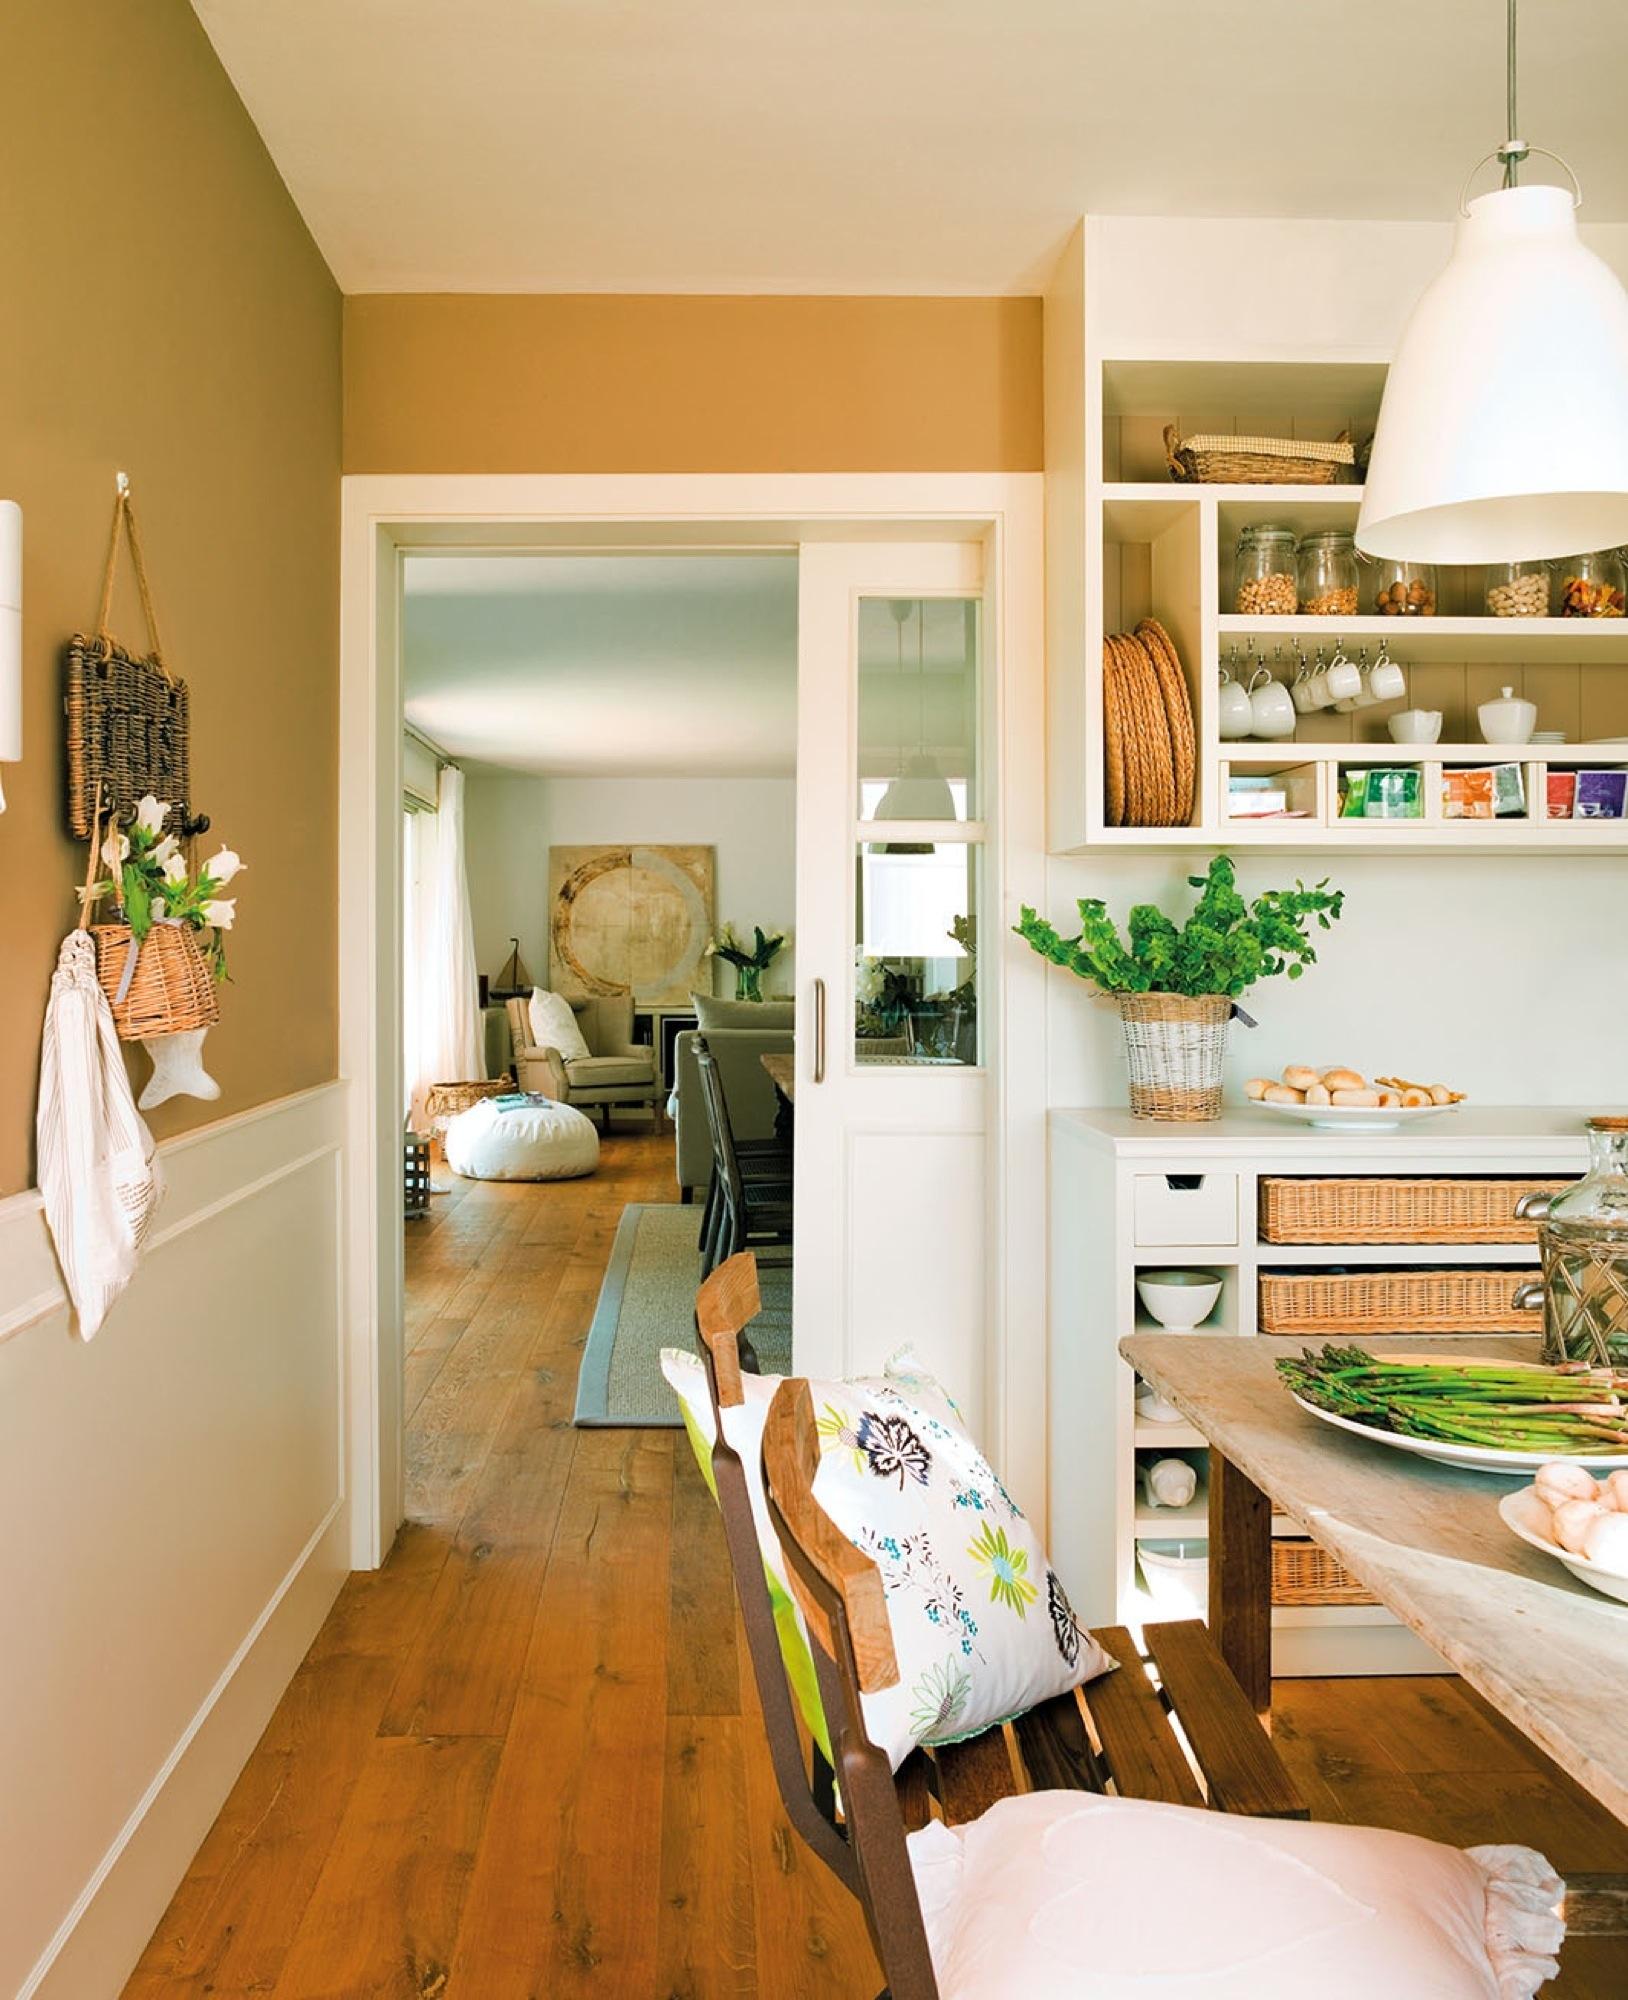 Orden en la cocina consejos y trucos para guardarlo todo for Guardas para cocina modernas